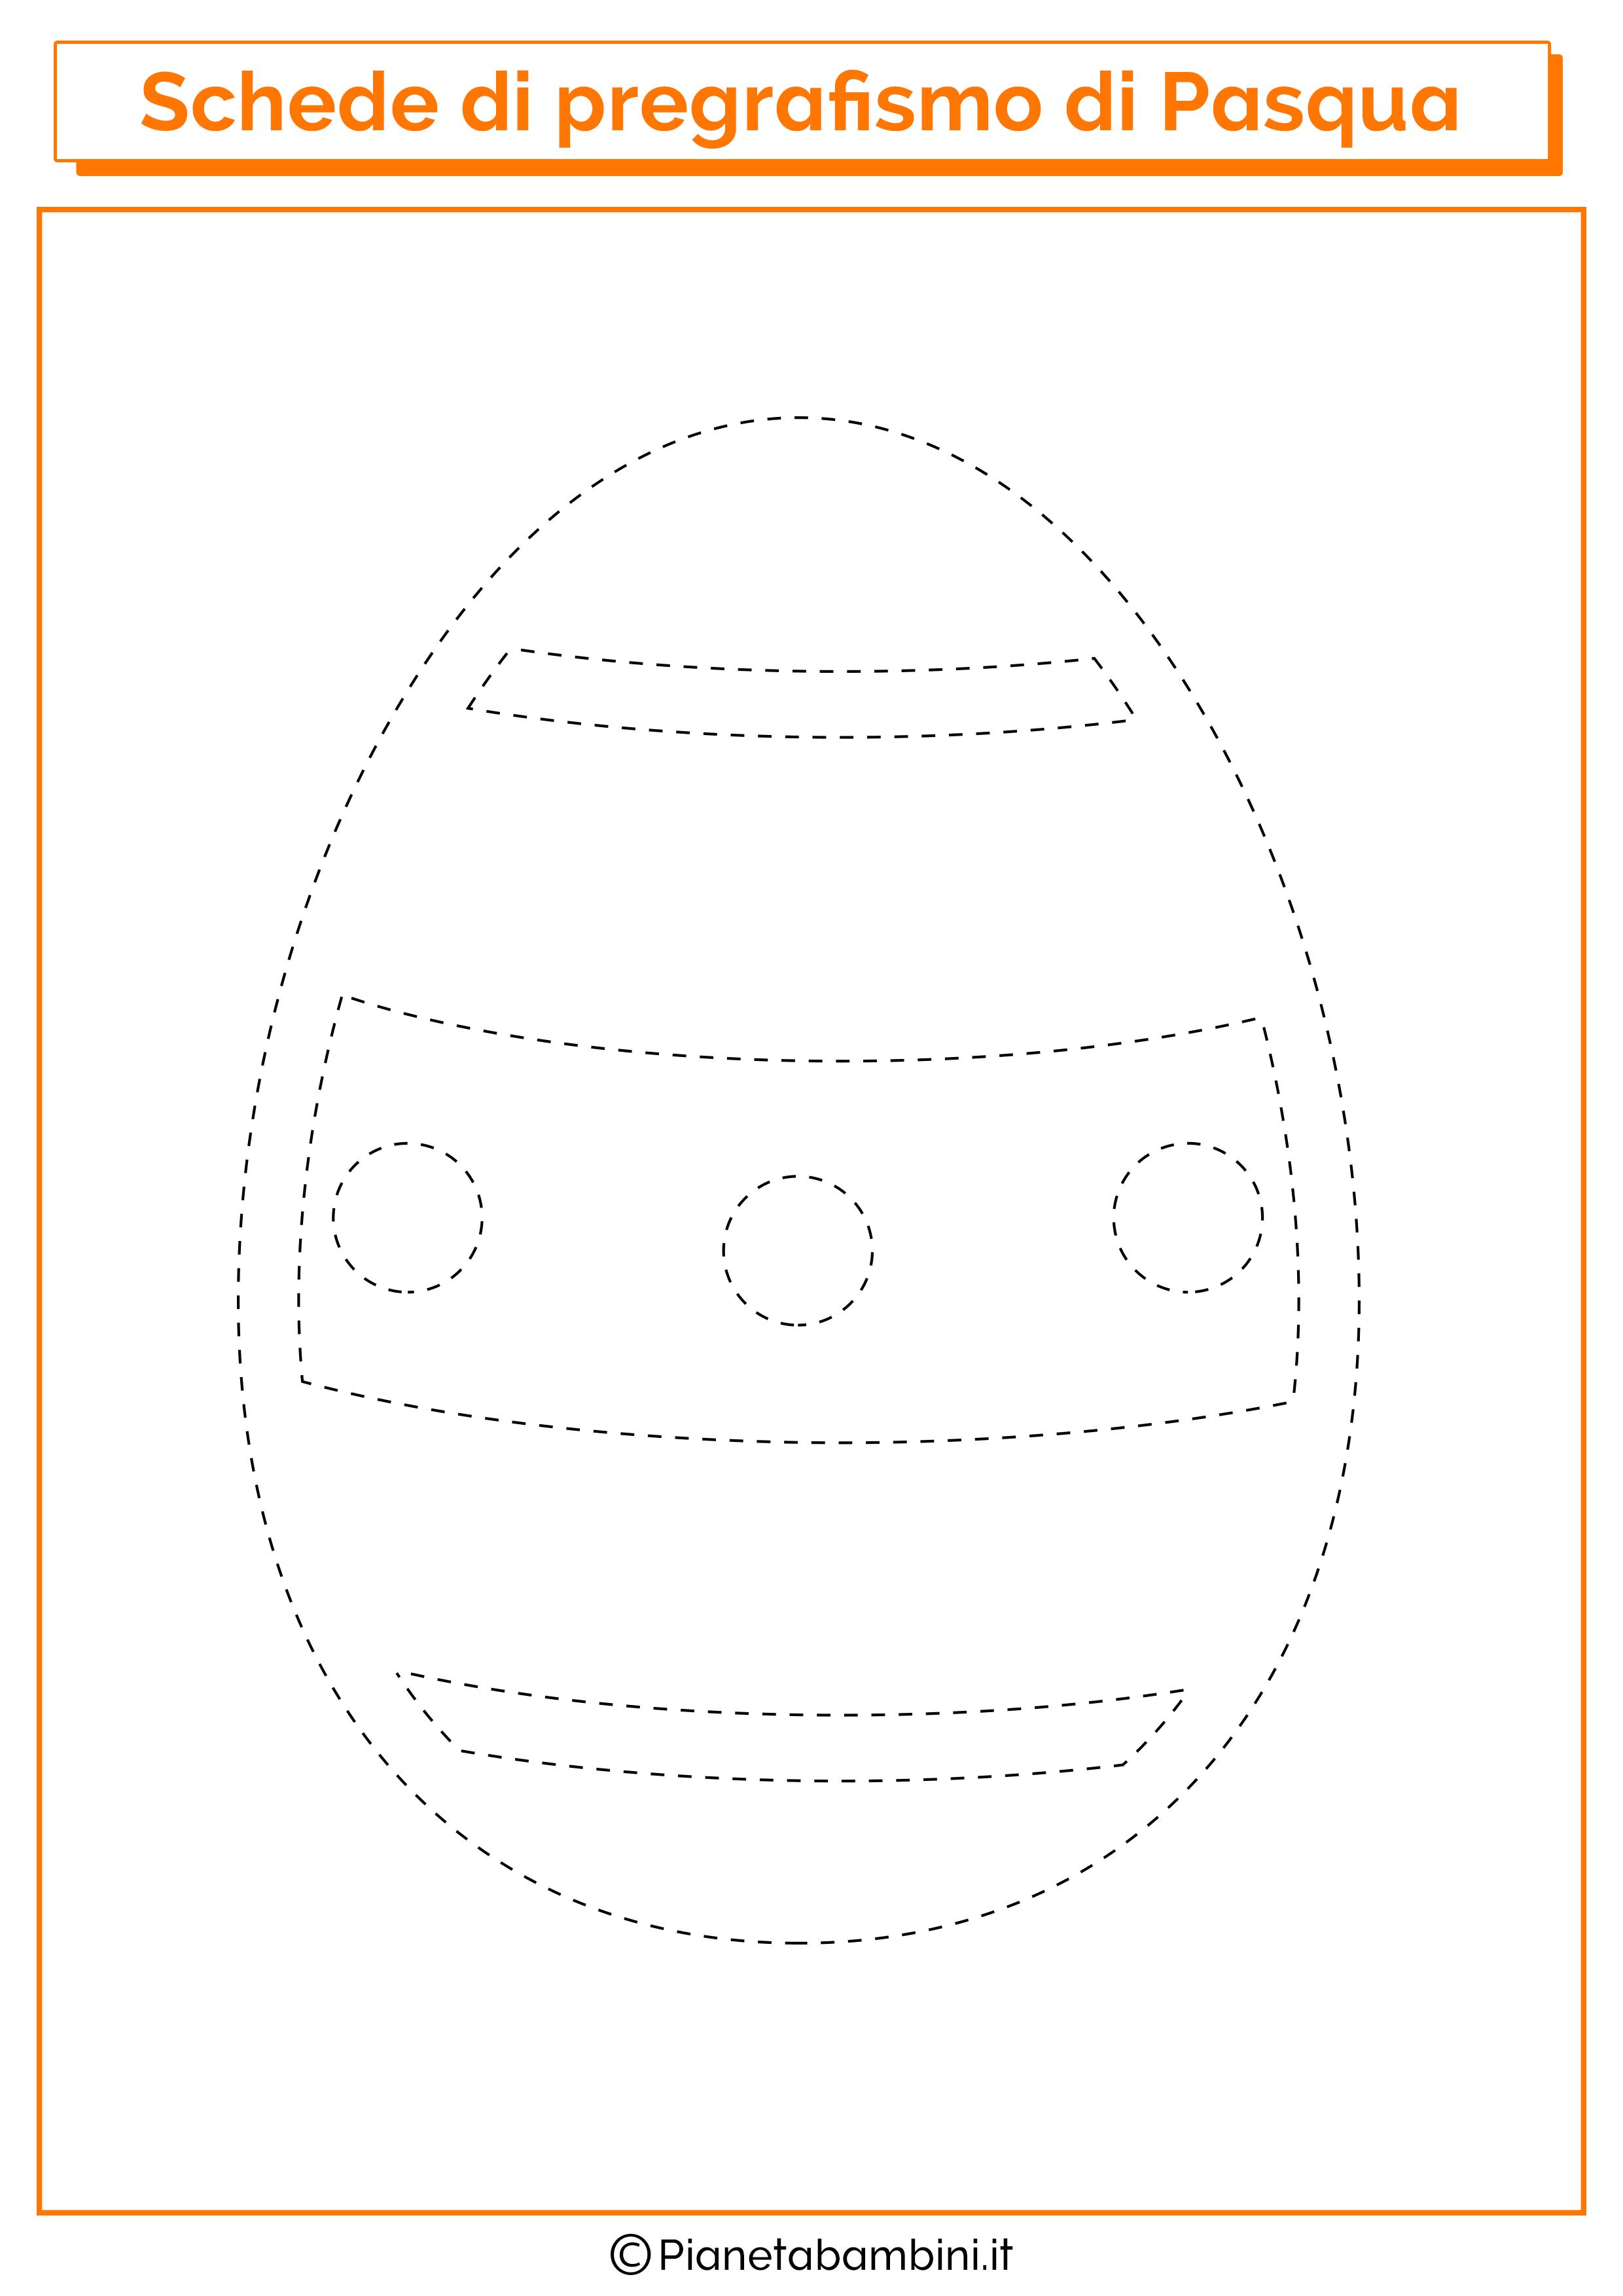 Scheda di pregrafismo sull'uovo di Pasqua